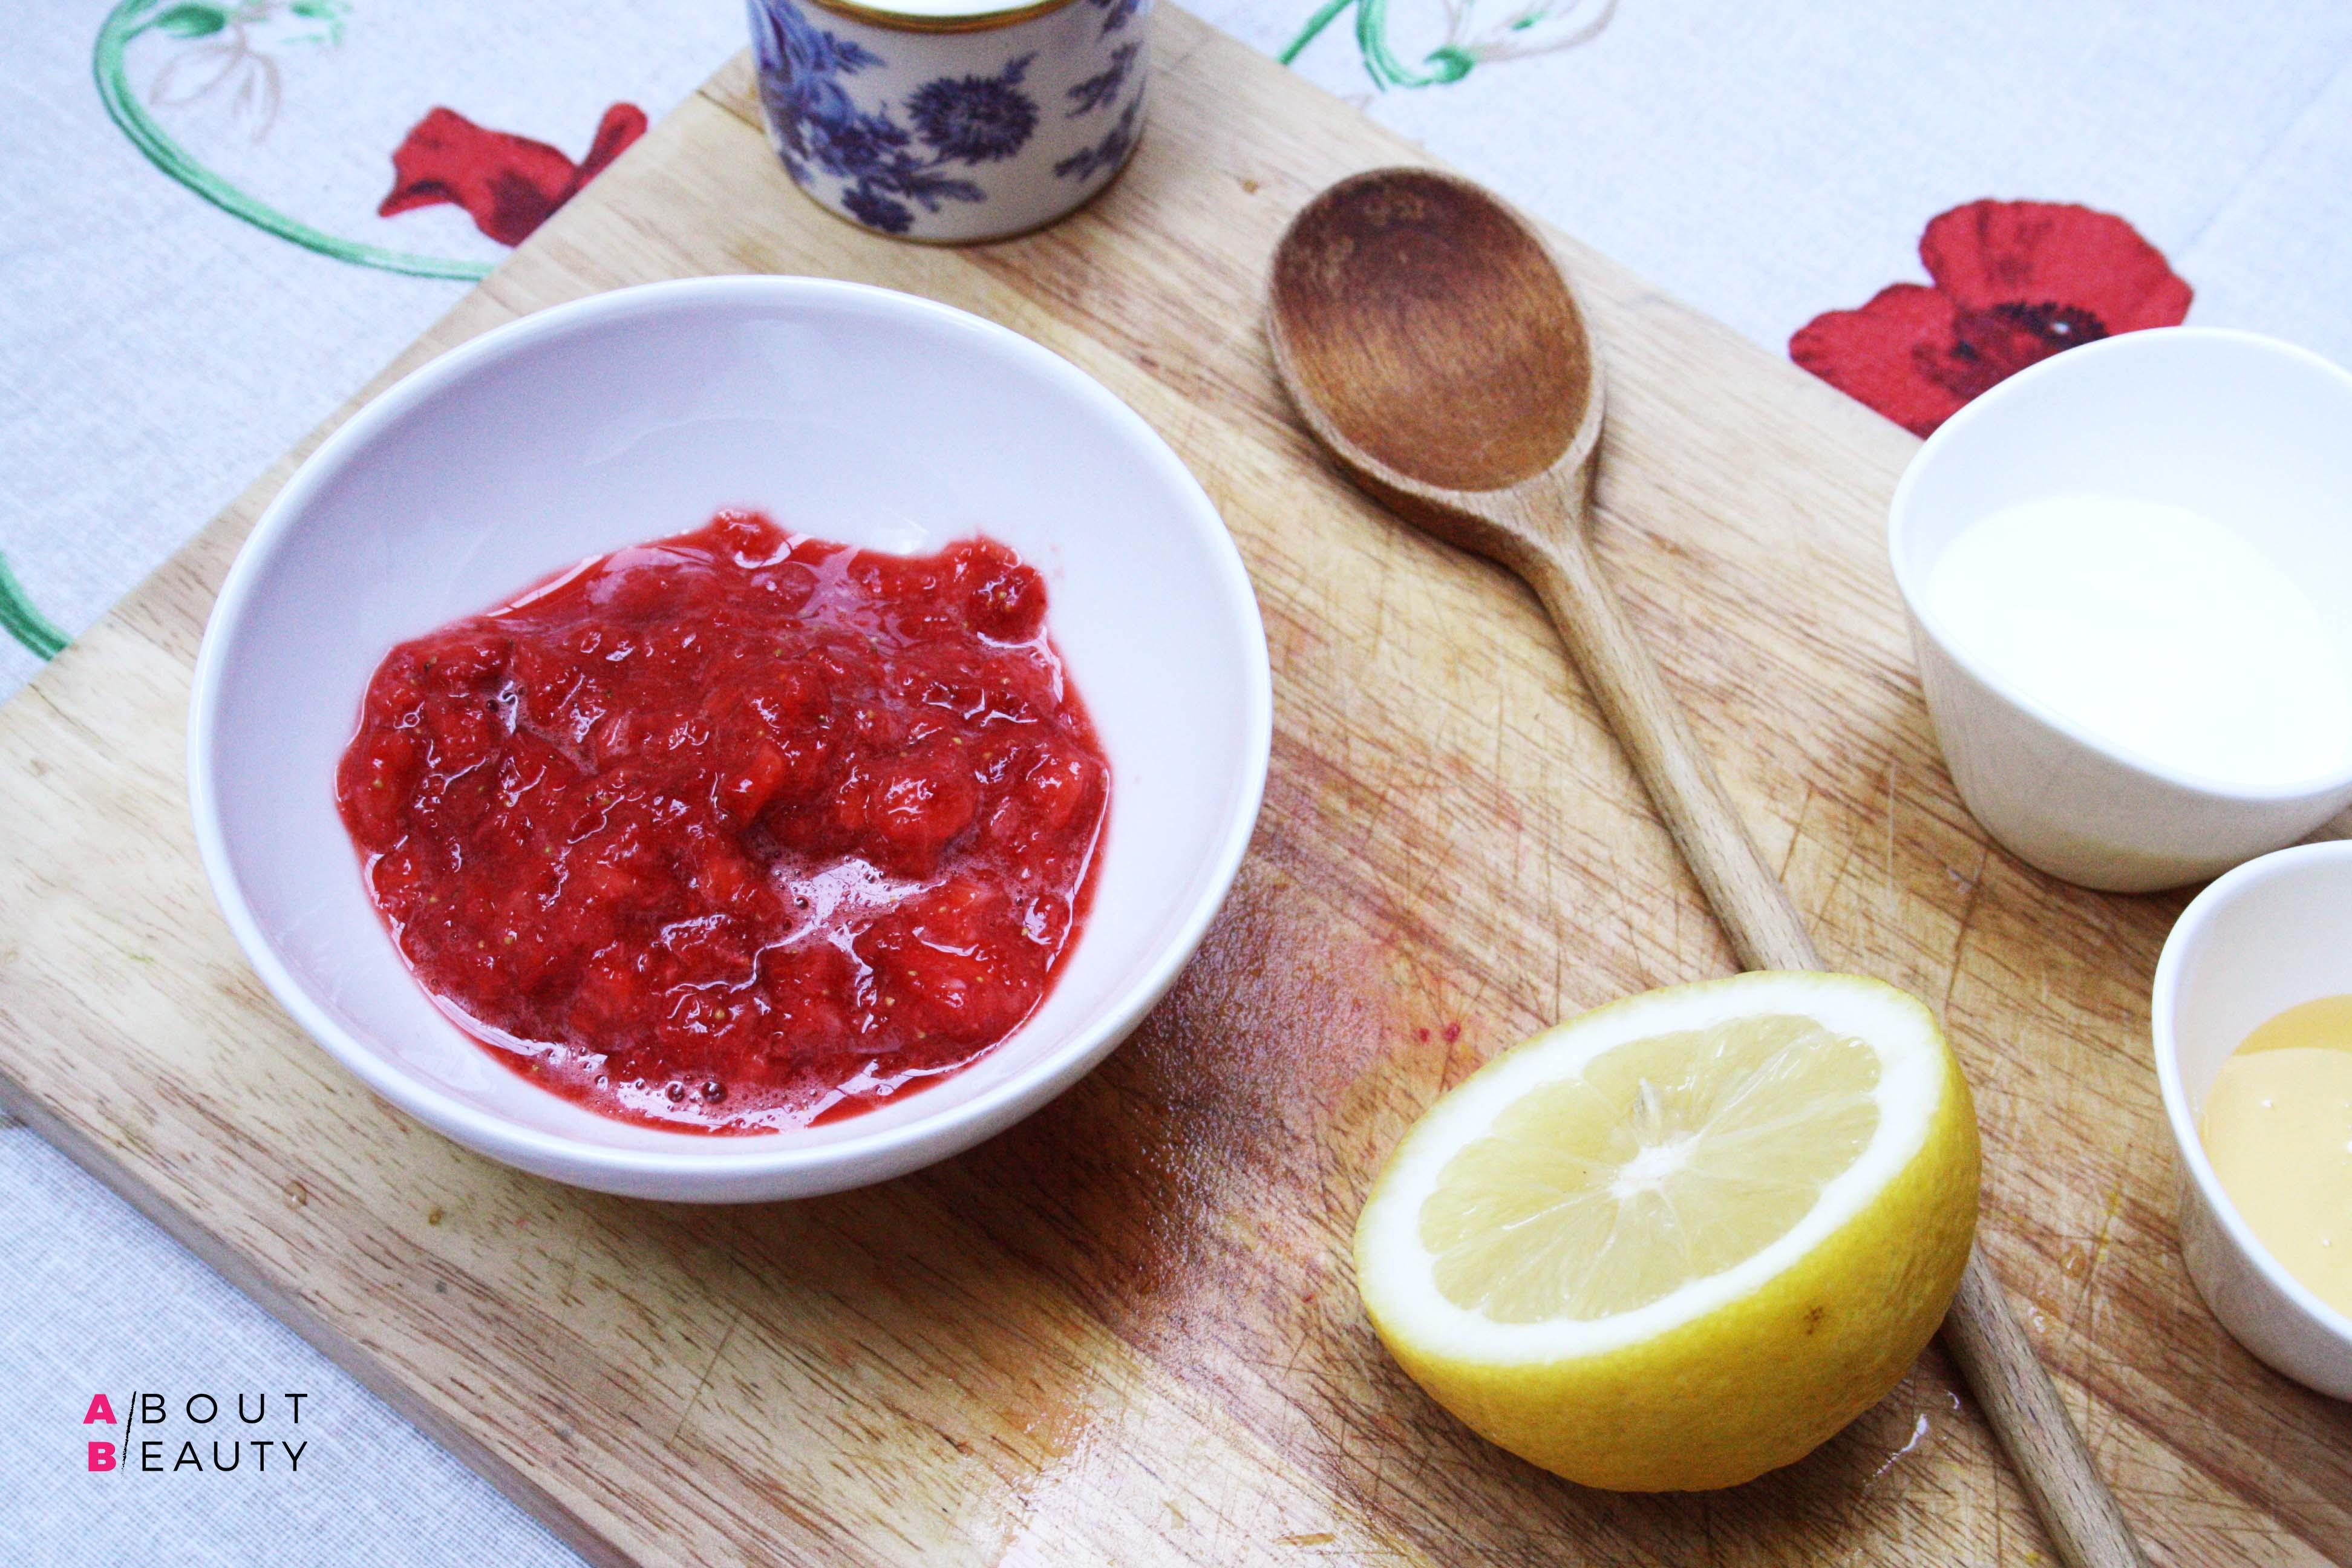 Maschera alle fragole - Le ricette di bellezza di About Beauty - Gli ingredienti